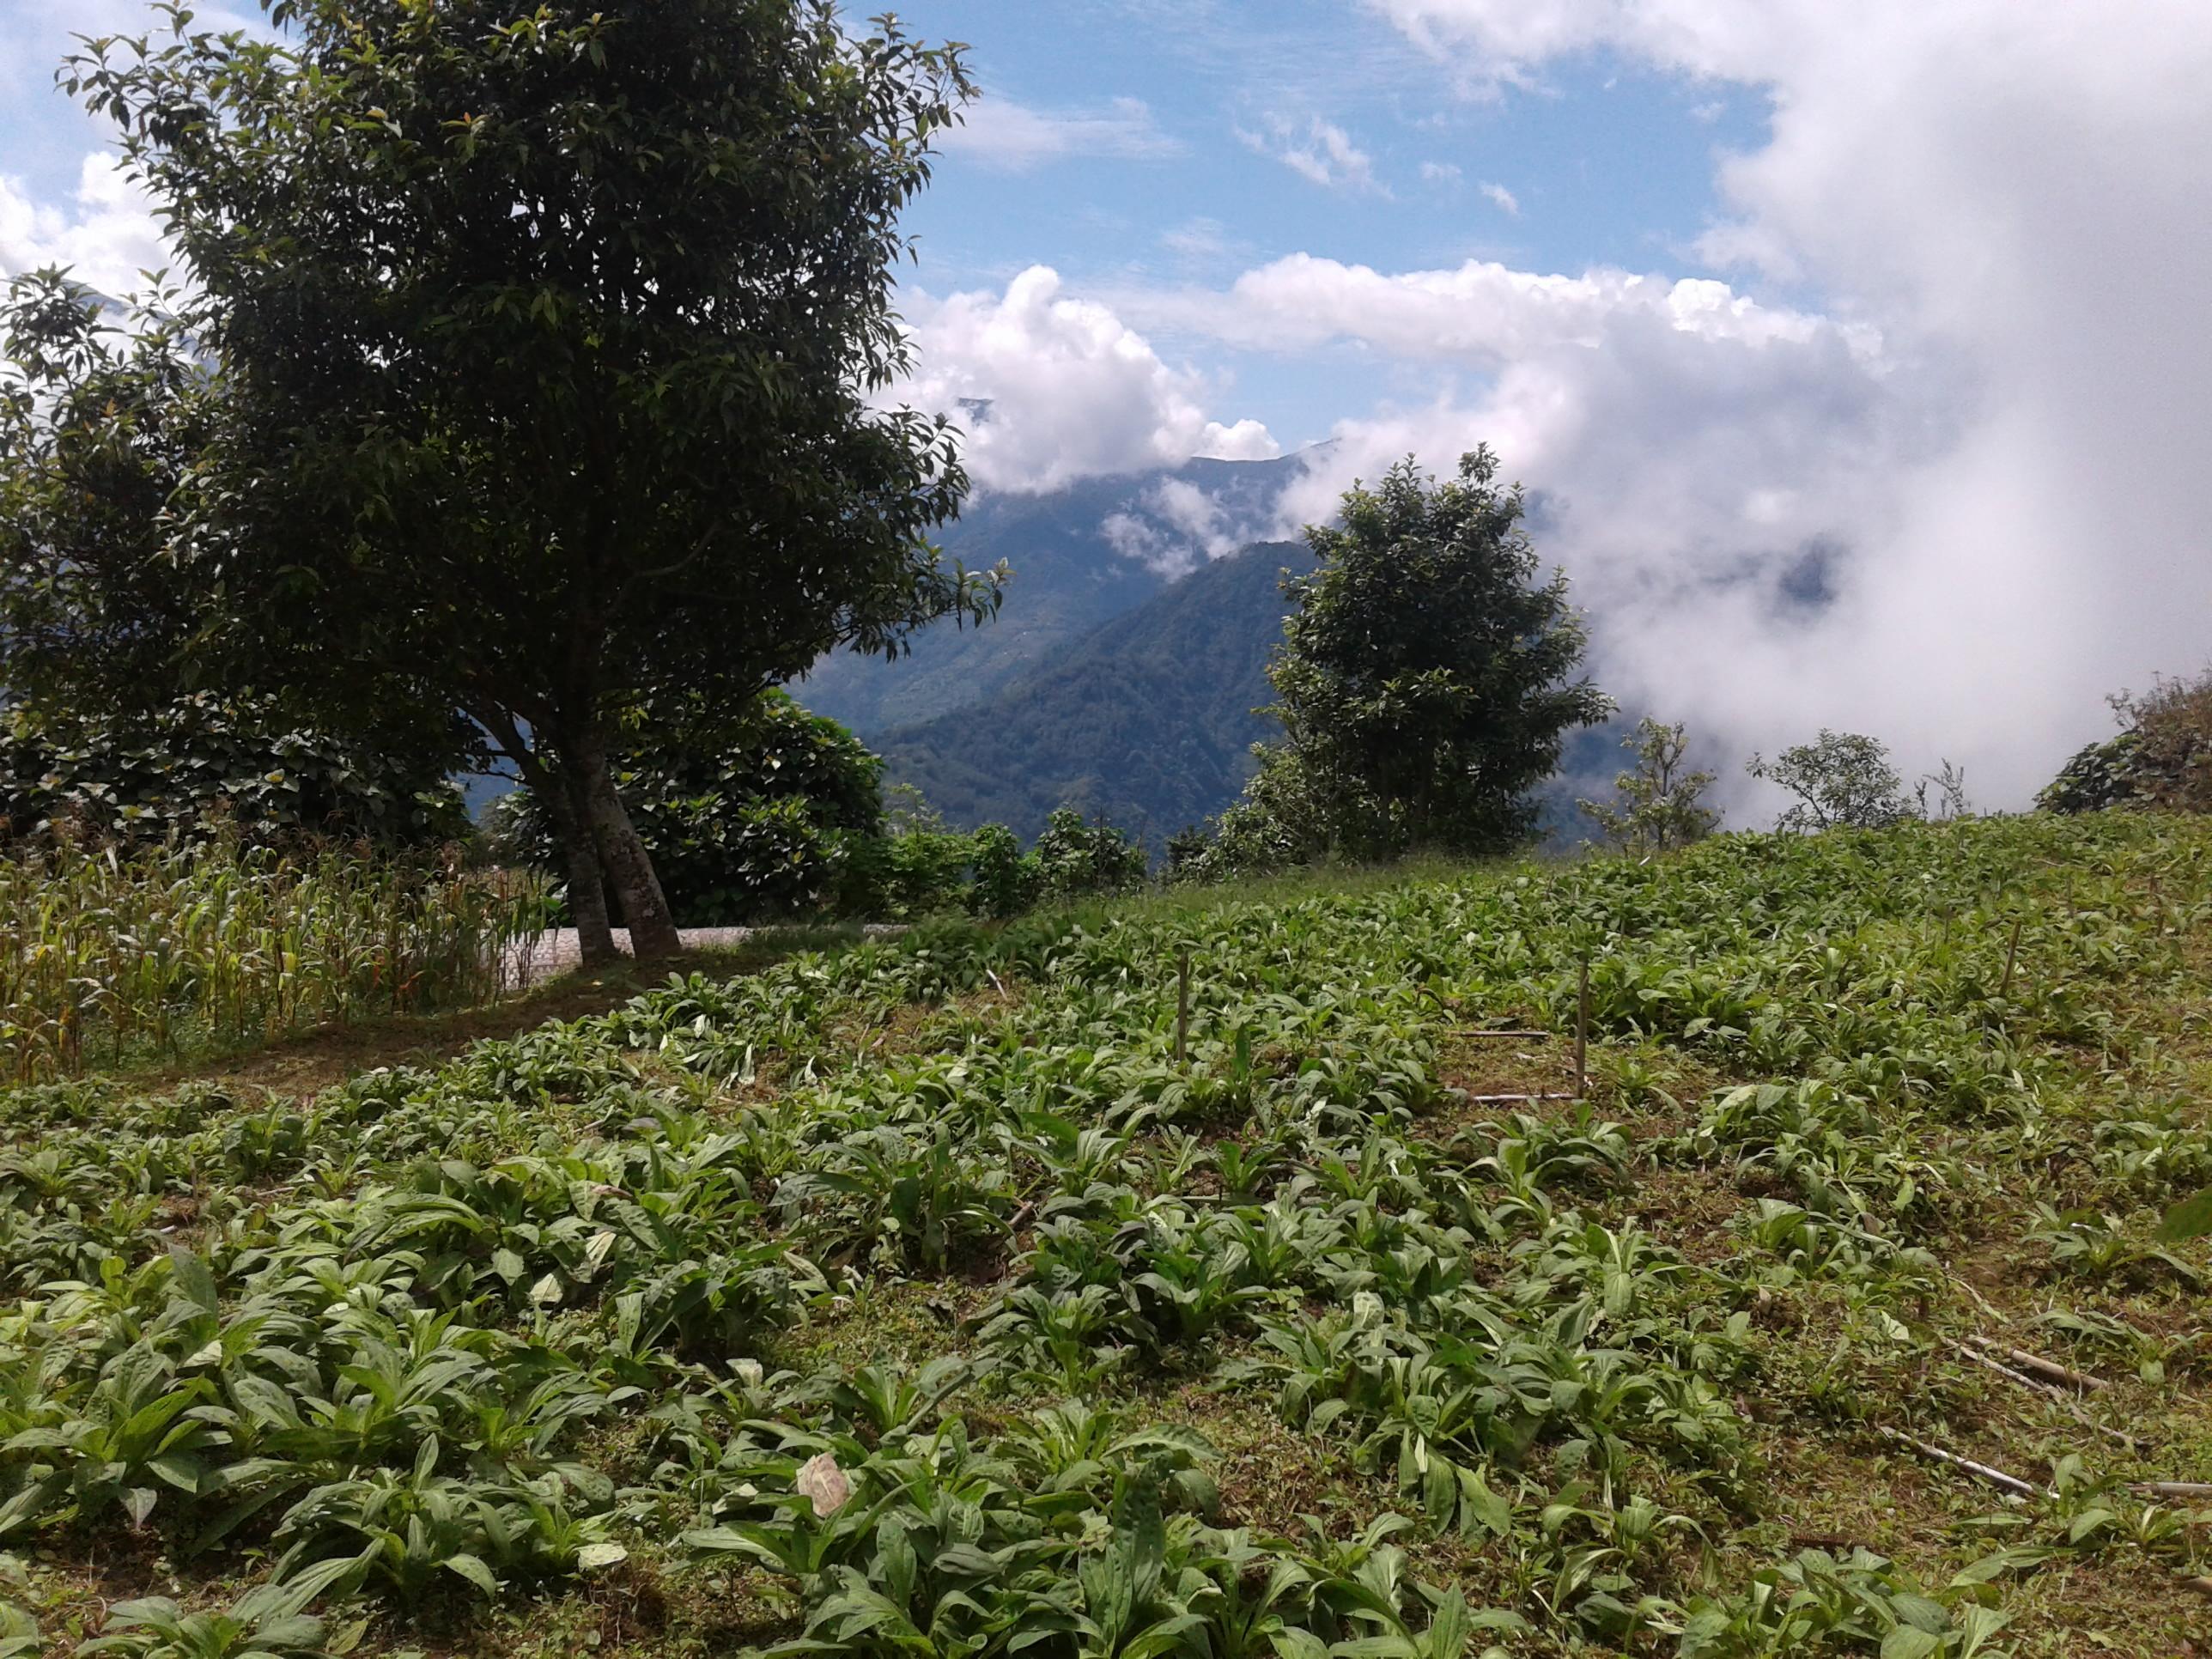 Desh Bahadur Tamang